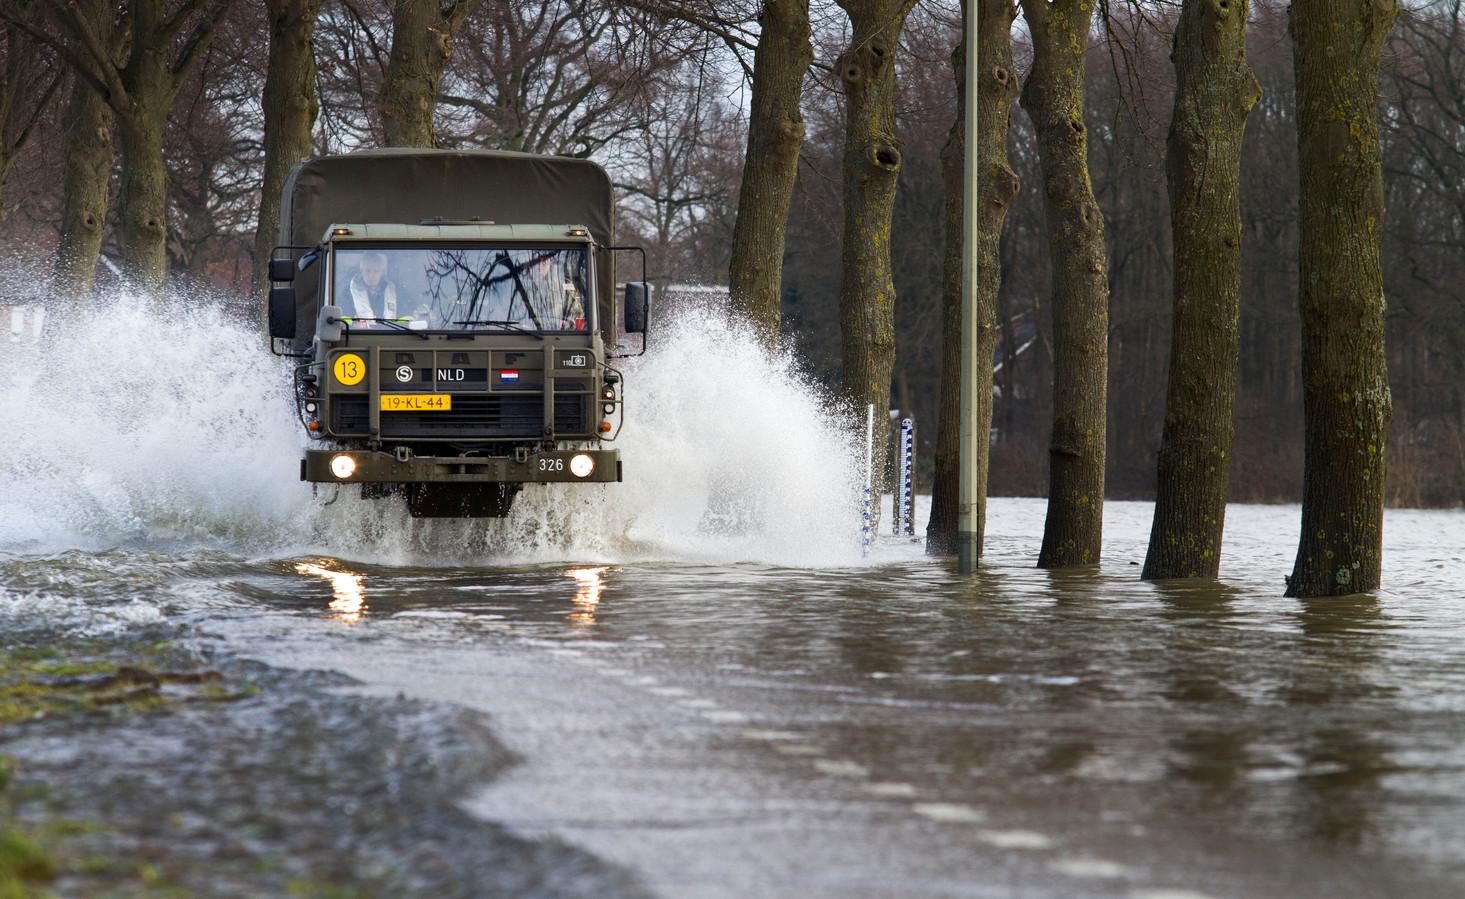 Tijdens hoge waterstanden zoals hier in het Limburgse Aijen werden de viertonners ingezet om bewoners te vervoeren.